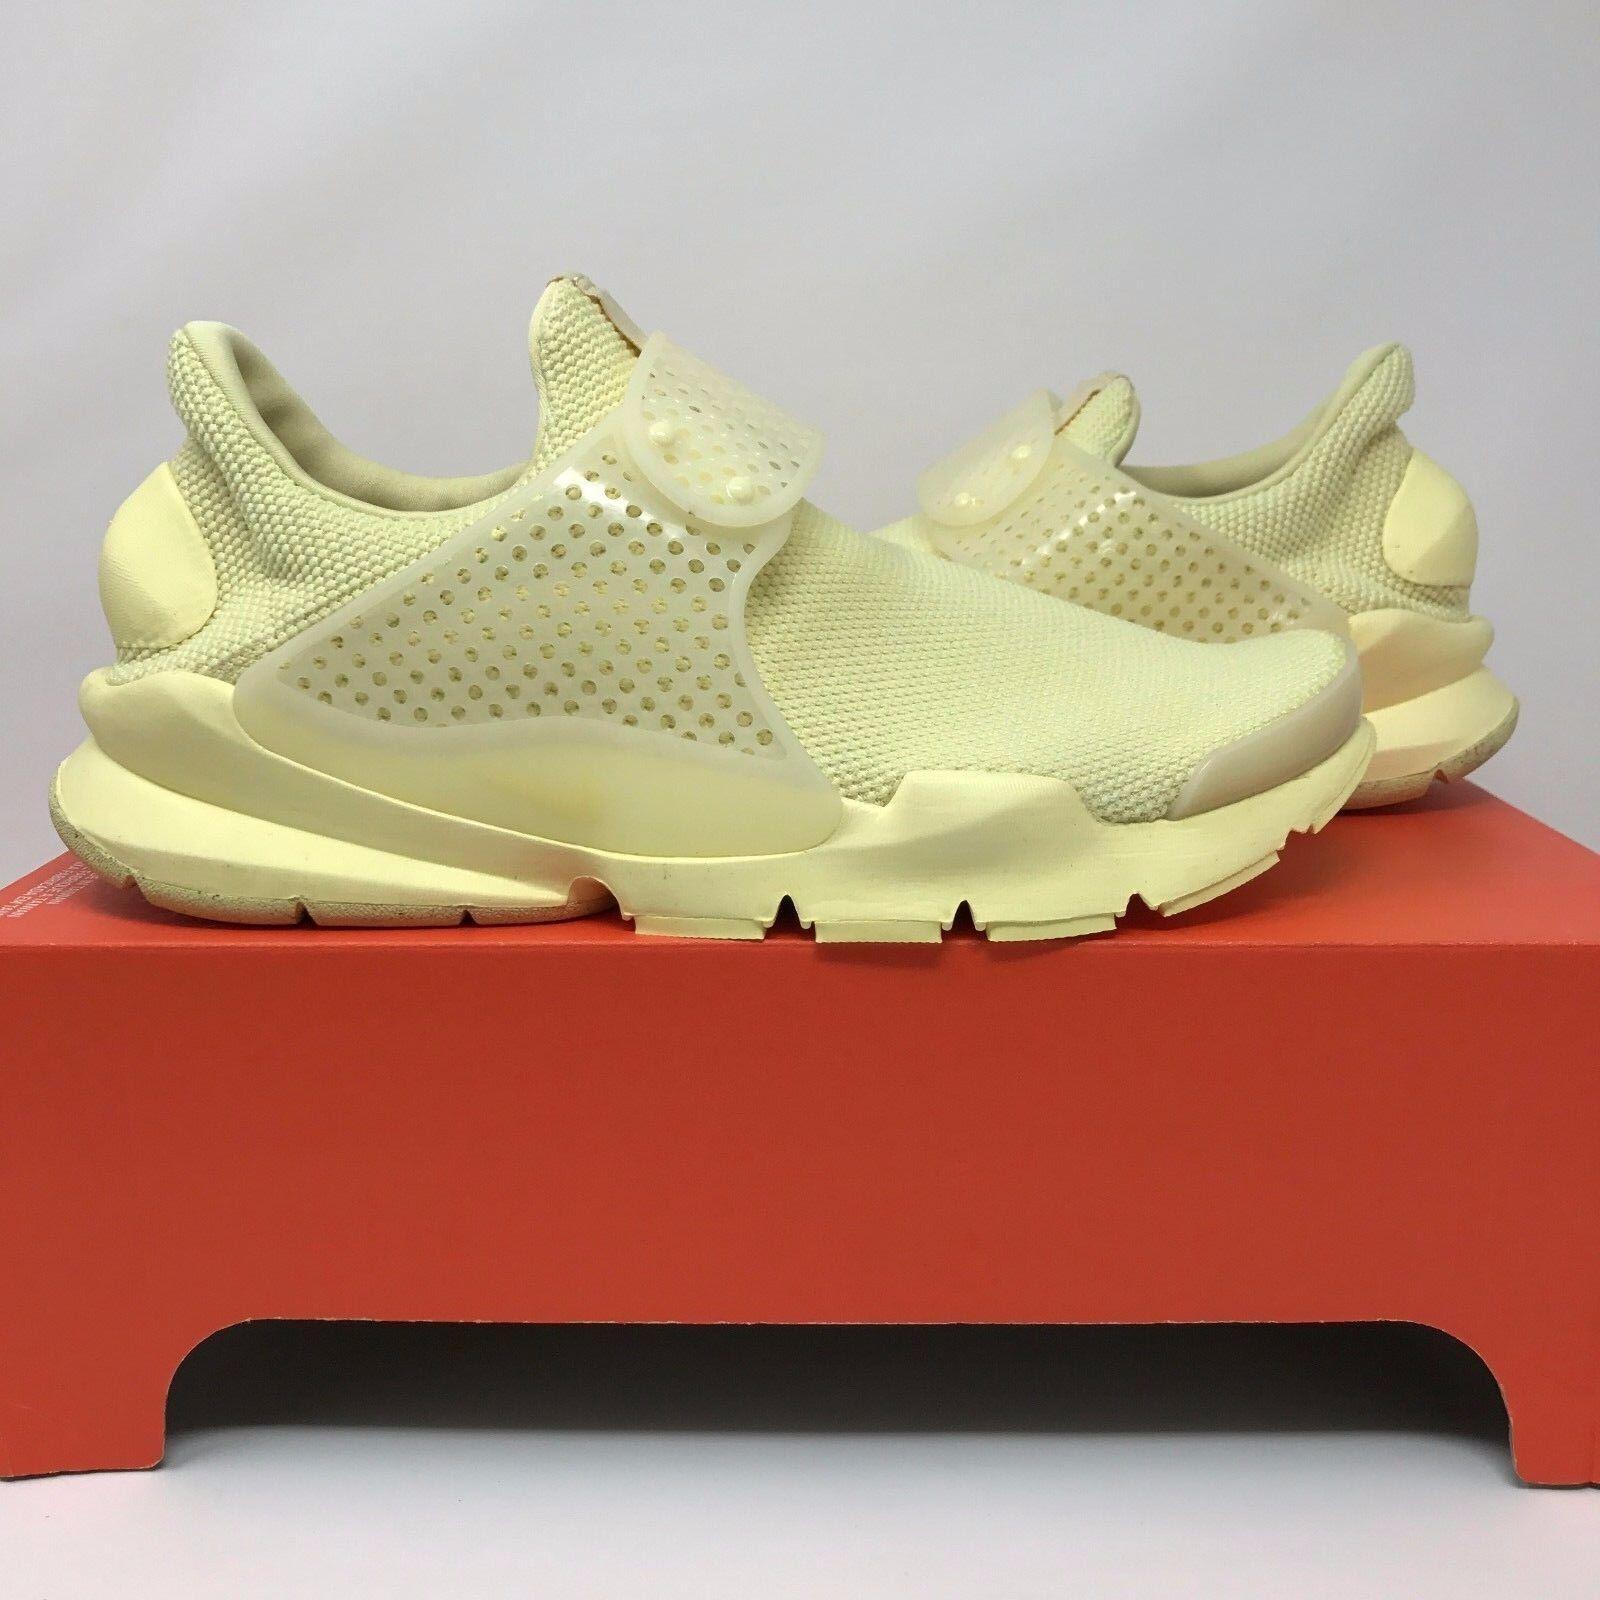 Seasonal clearance sale Nike Sock Dart Breathe Lemon Chiffon 909551-700 - BR Presto Flyknit NMD Boost OG